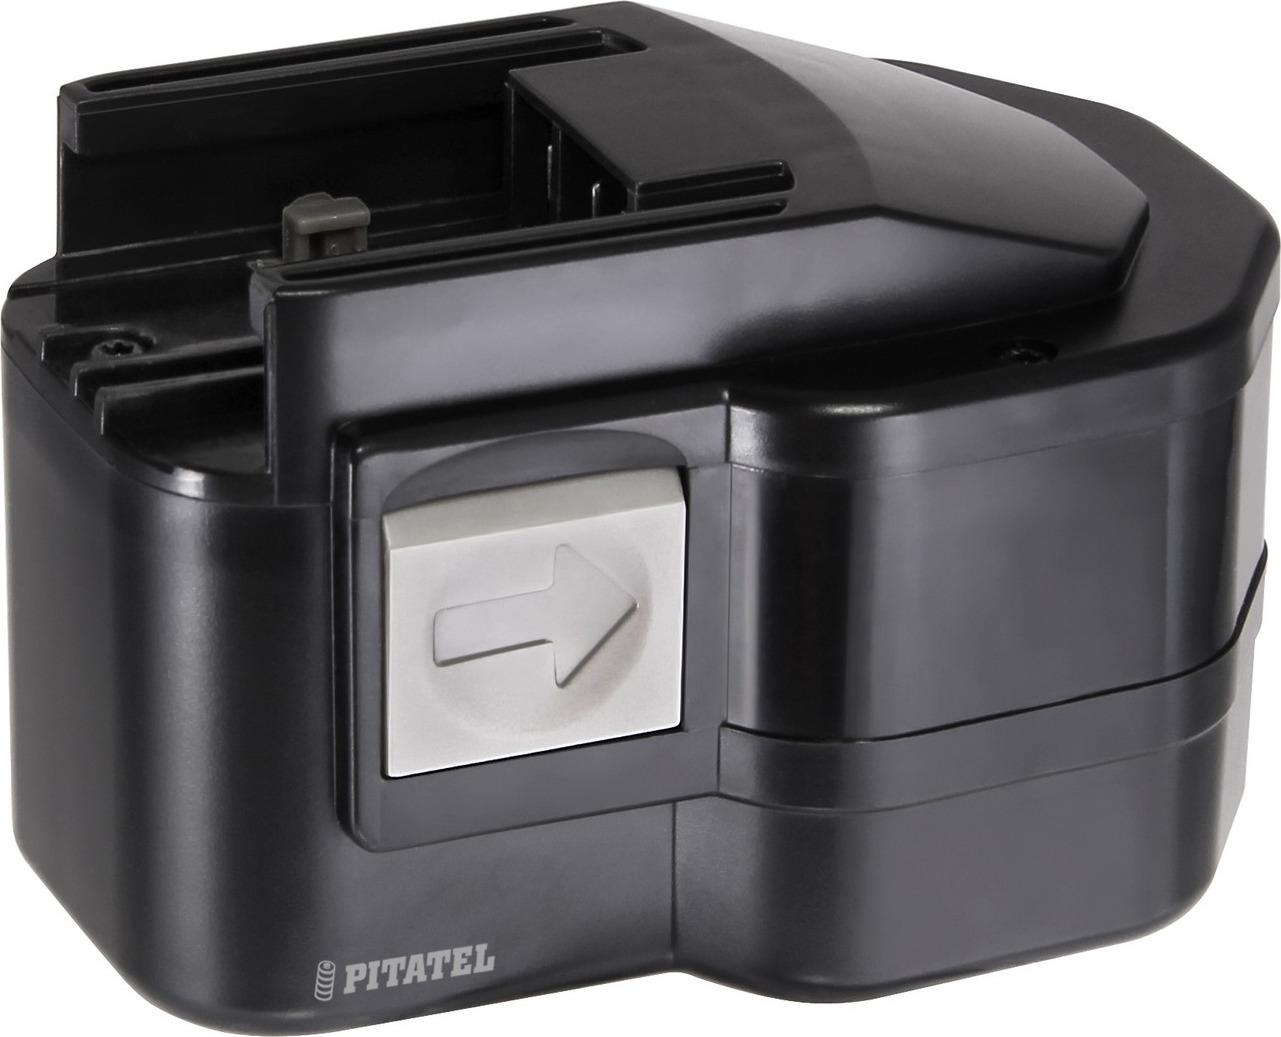 Аккумулятор для инструмента Pitatel для AEG. TSB-104-AE(G)12-21M аккумулятор для инструмента pitatel для aeg tsb 228 ae g 18 15l